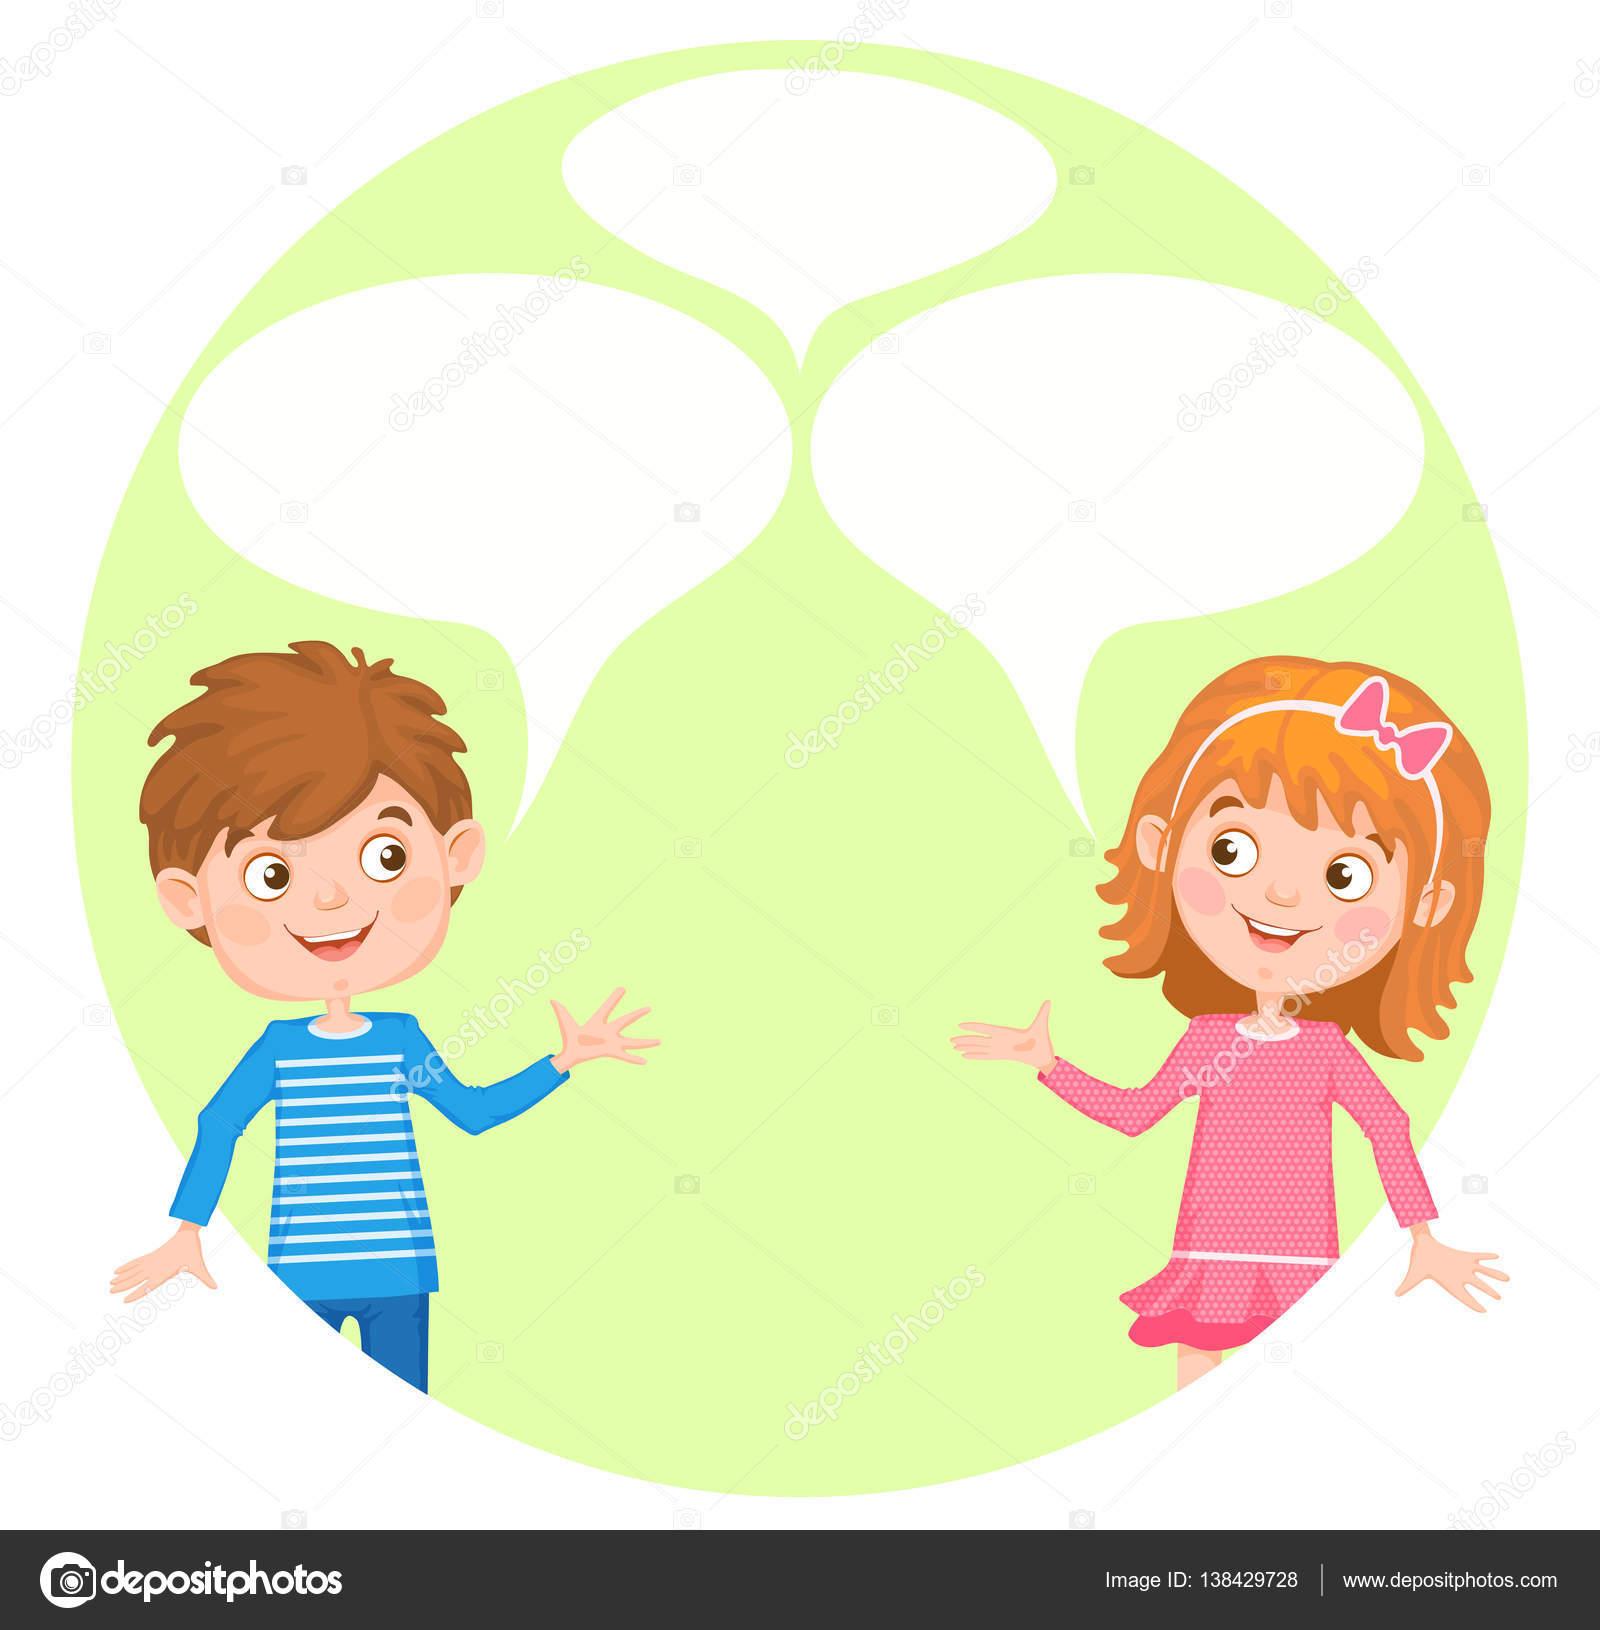 Abbildung mit einem jungen und Mädchen und Luftblasen für text ...